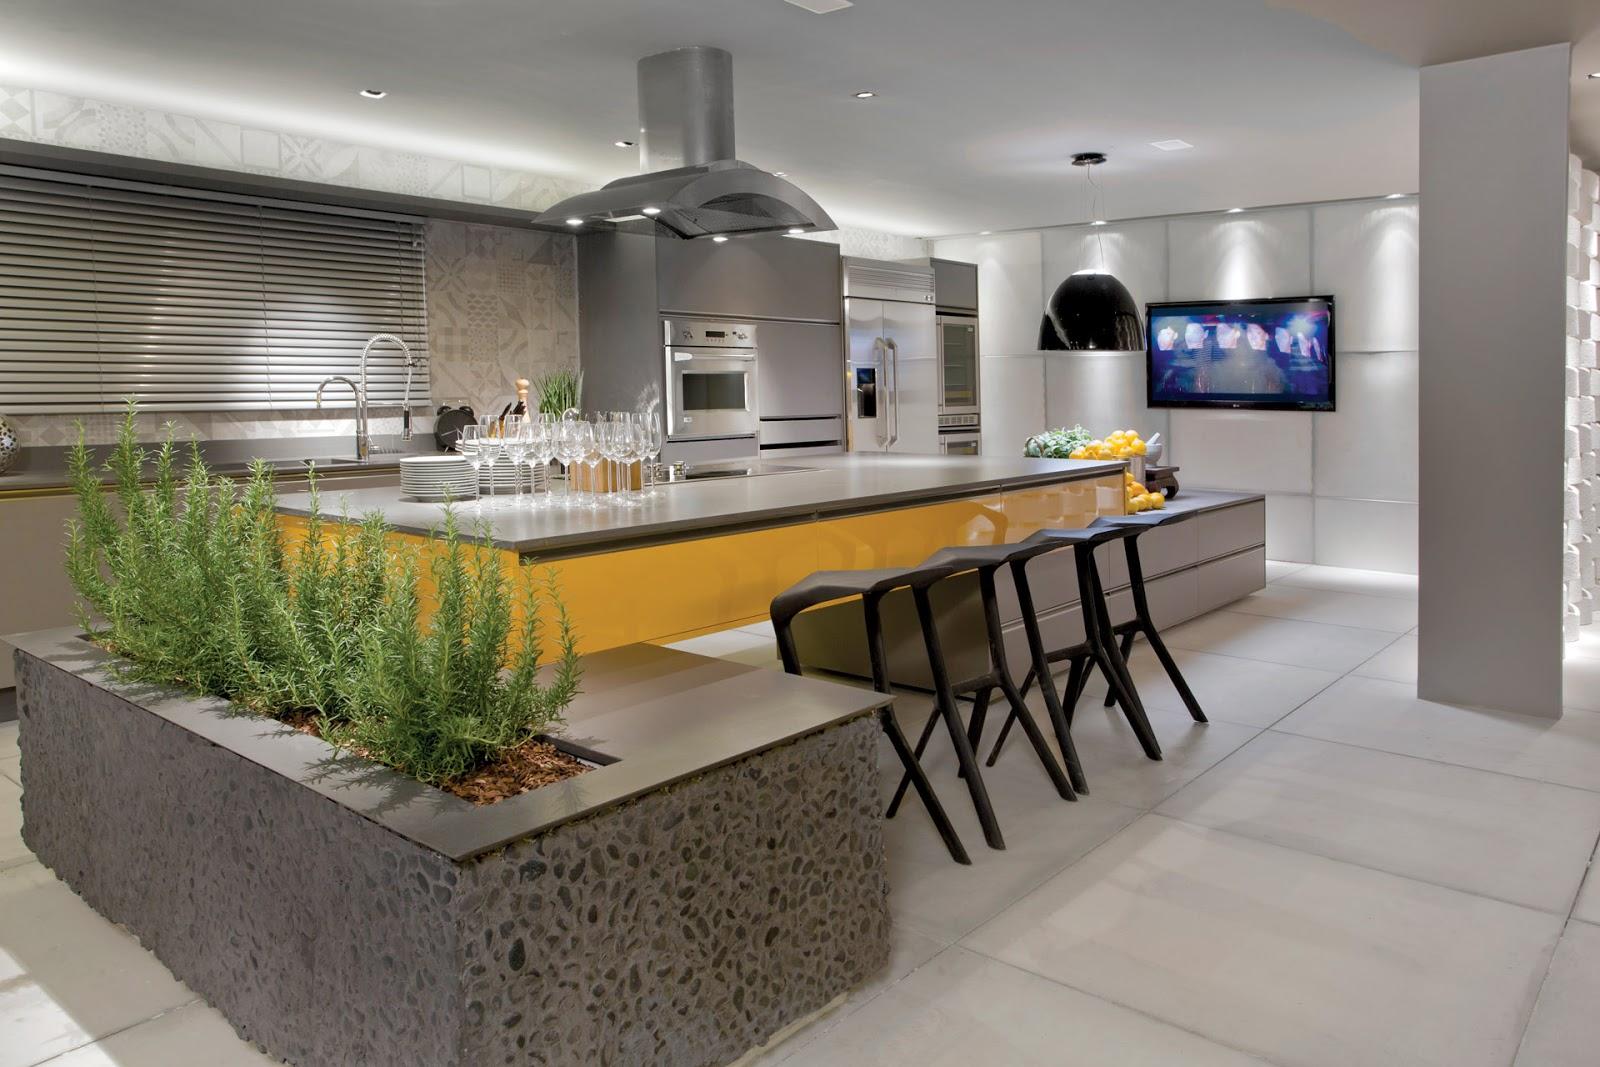 12 Cozinhas Amarelas Veja Lindos Modelos De Estilos Variados